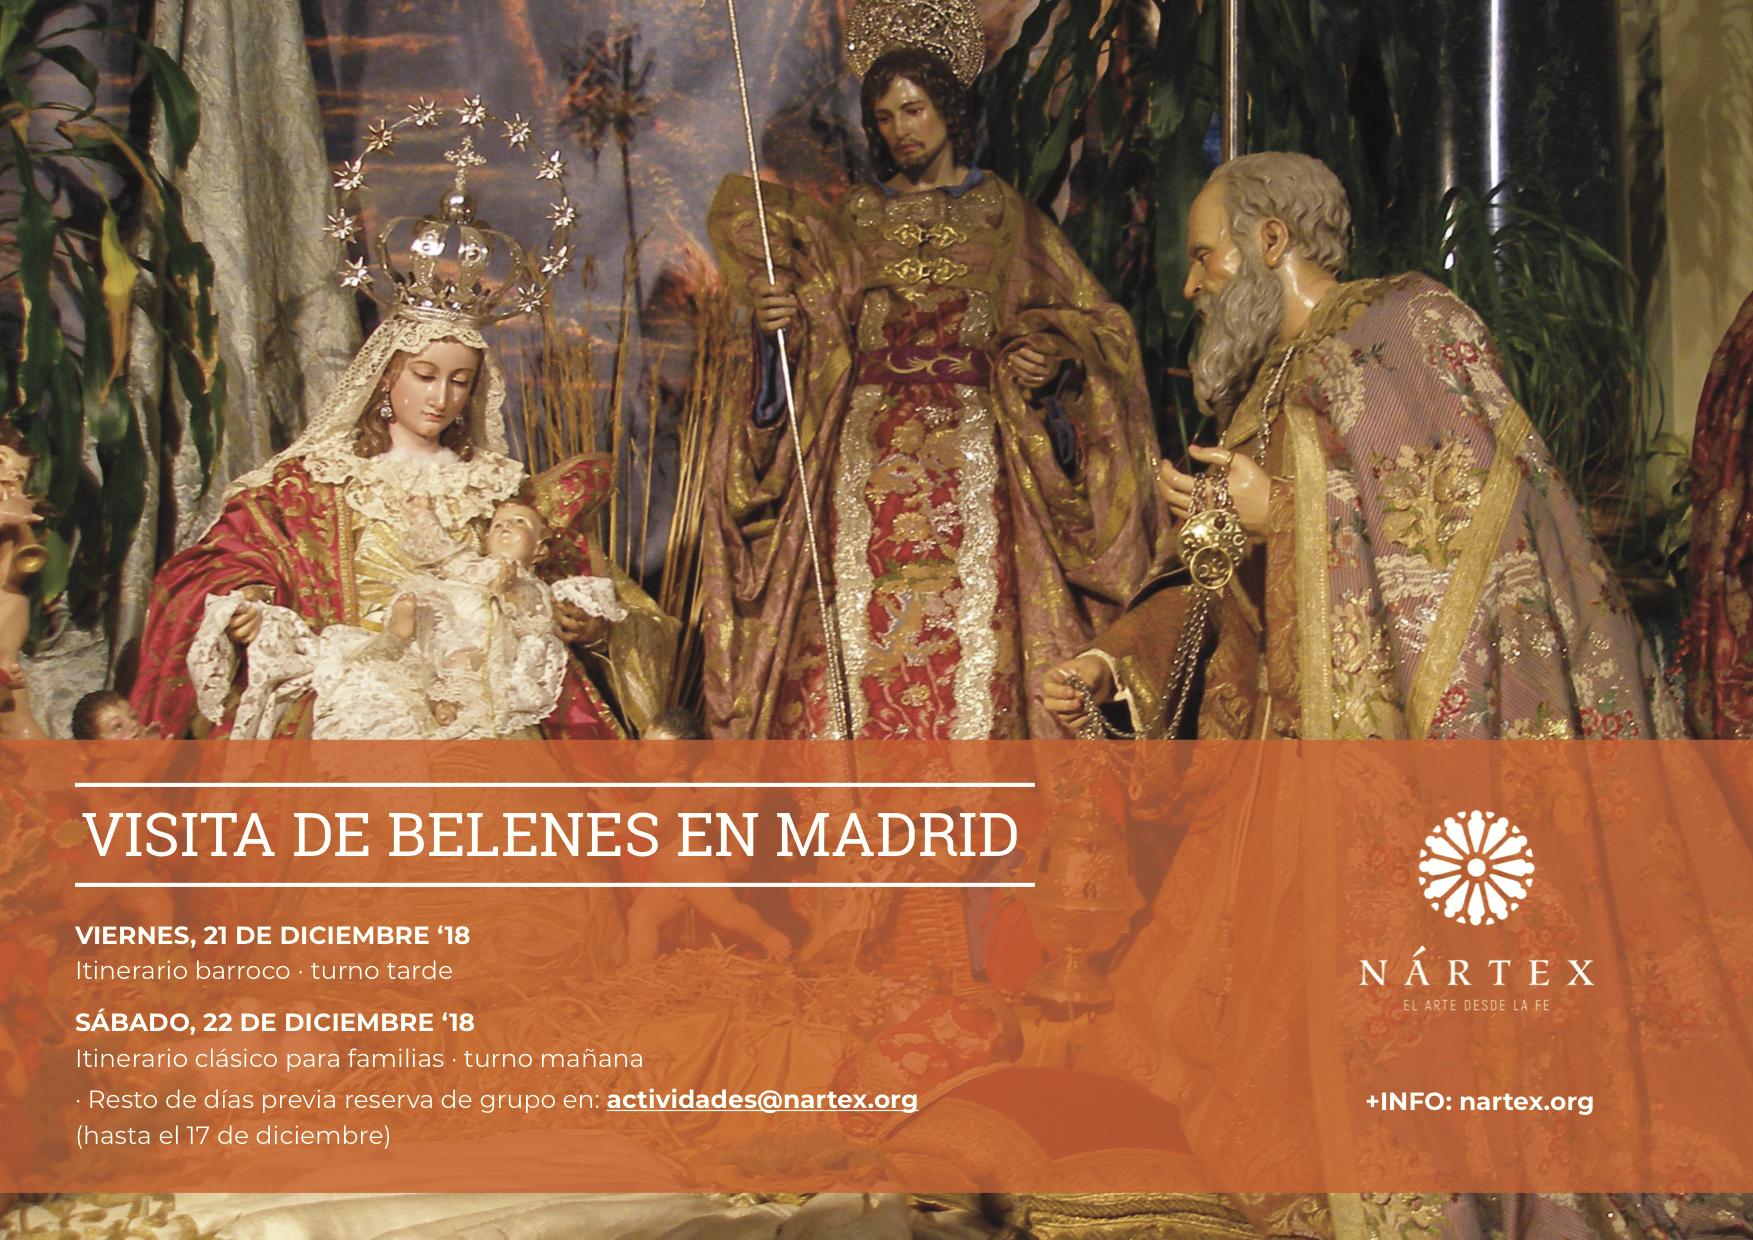 DESCUBRE LOS BELENES DE MADRID CON NÁRTEX - 2018